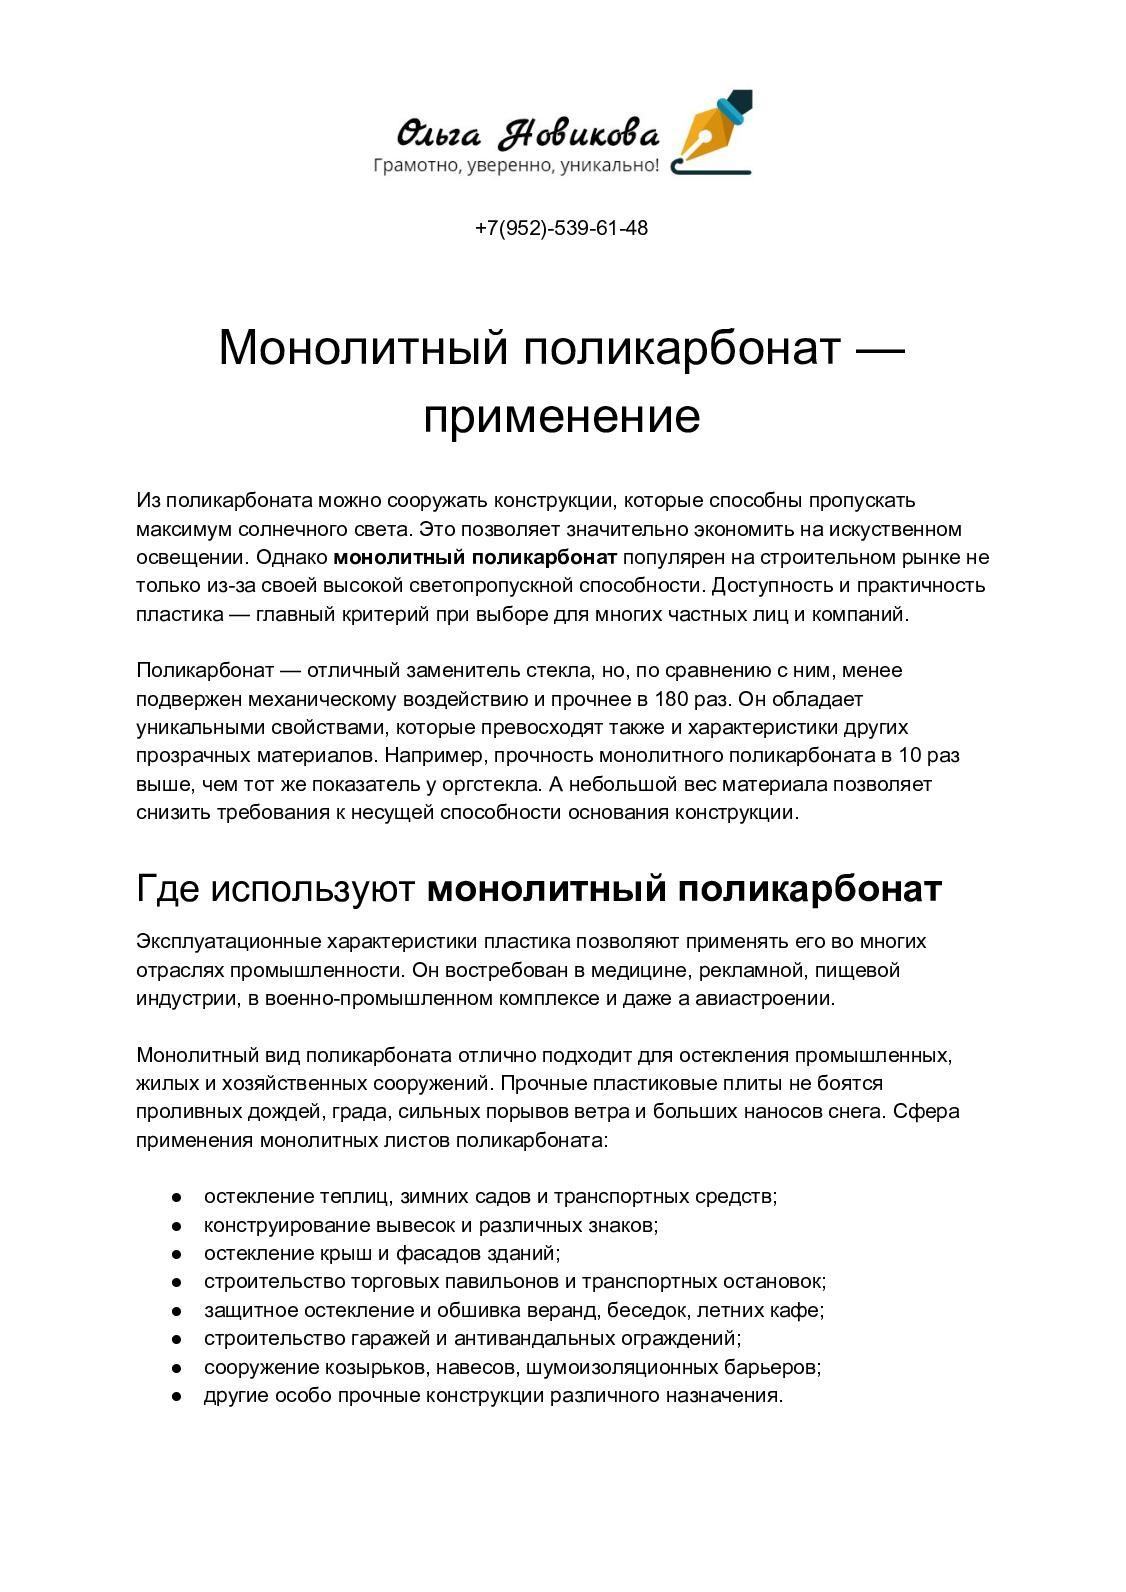 Поликарбонат: характеристики, свойства и применение | polimer info